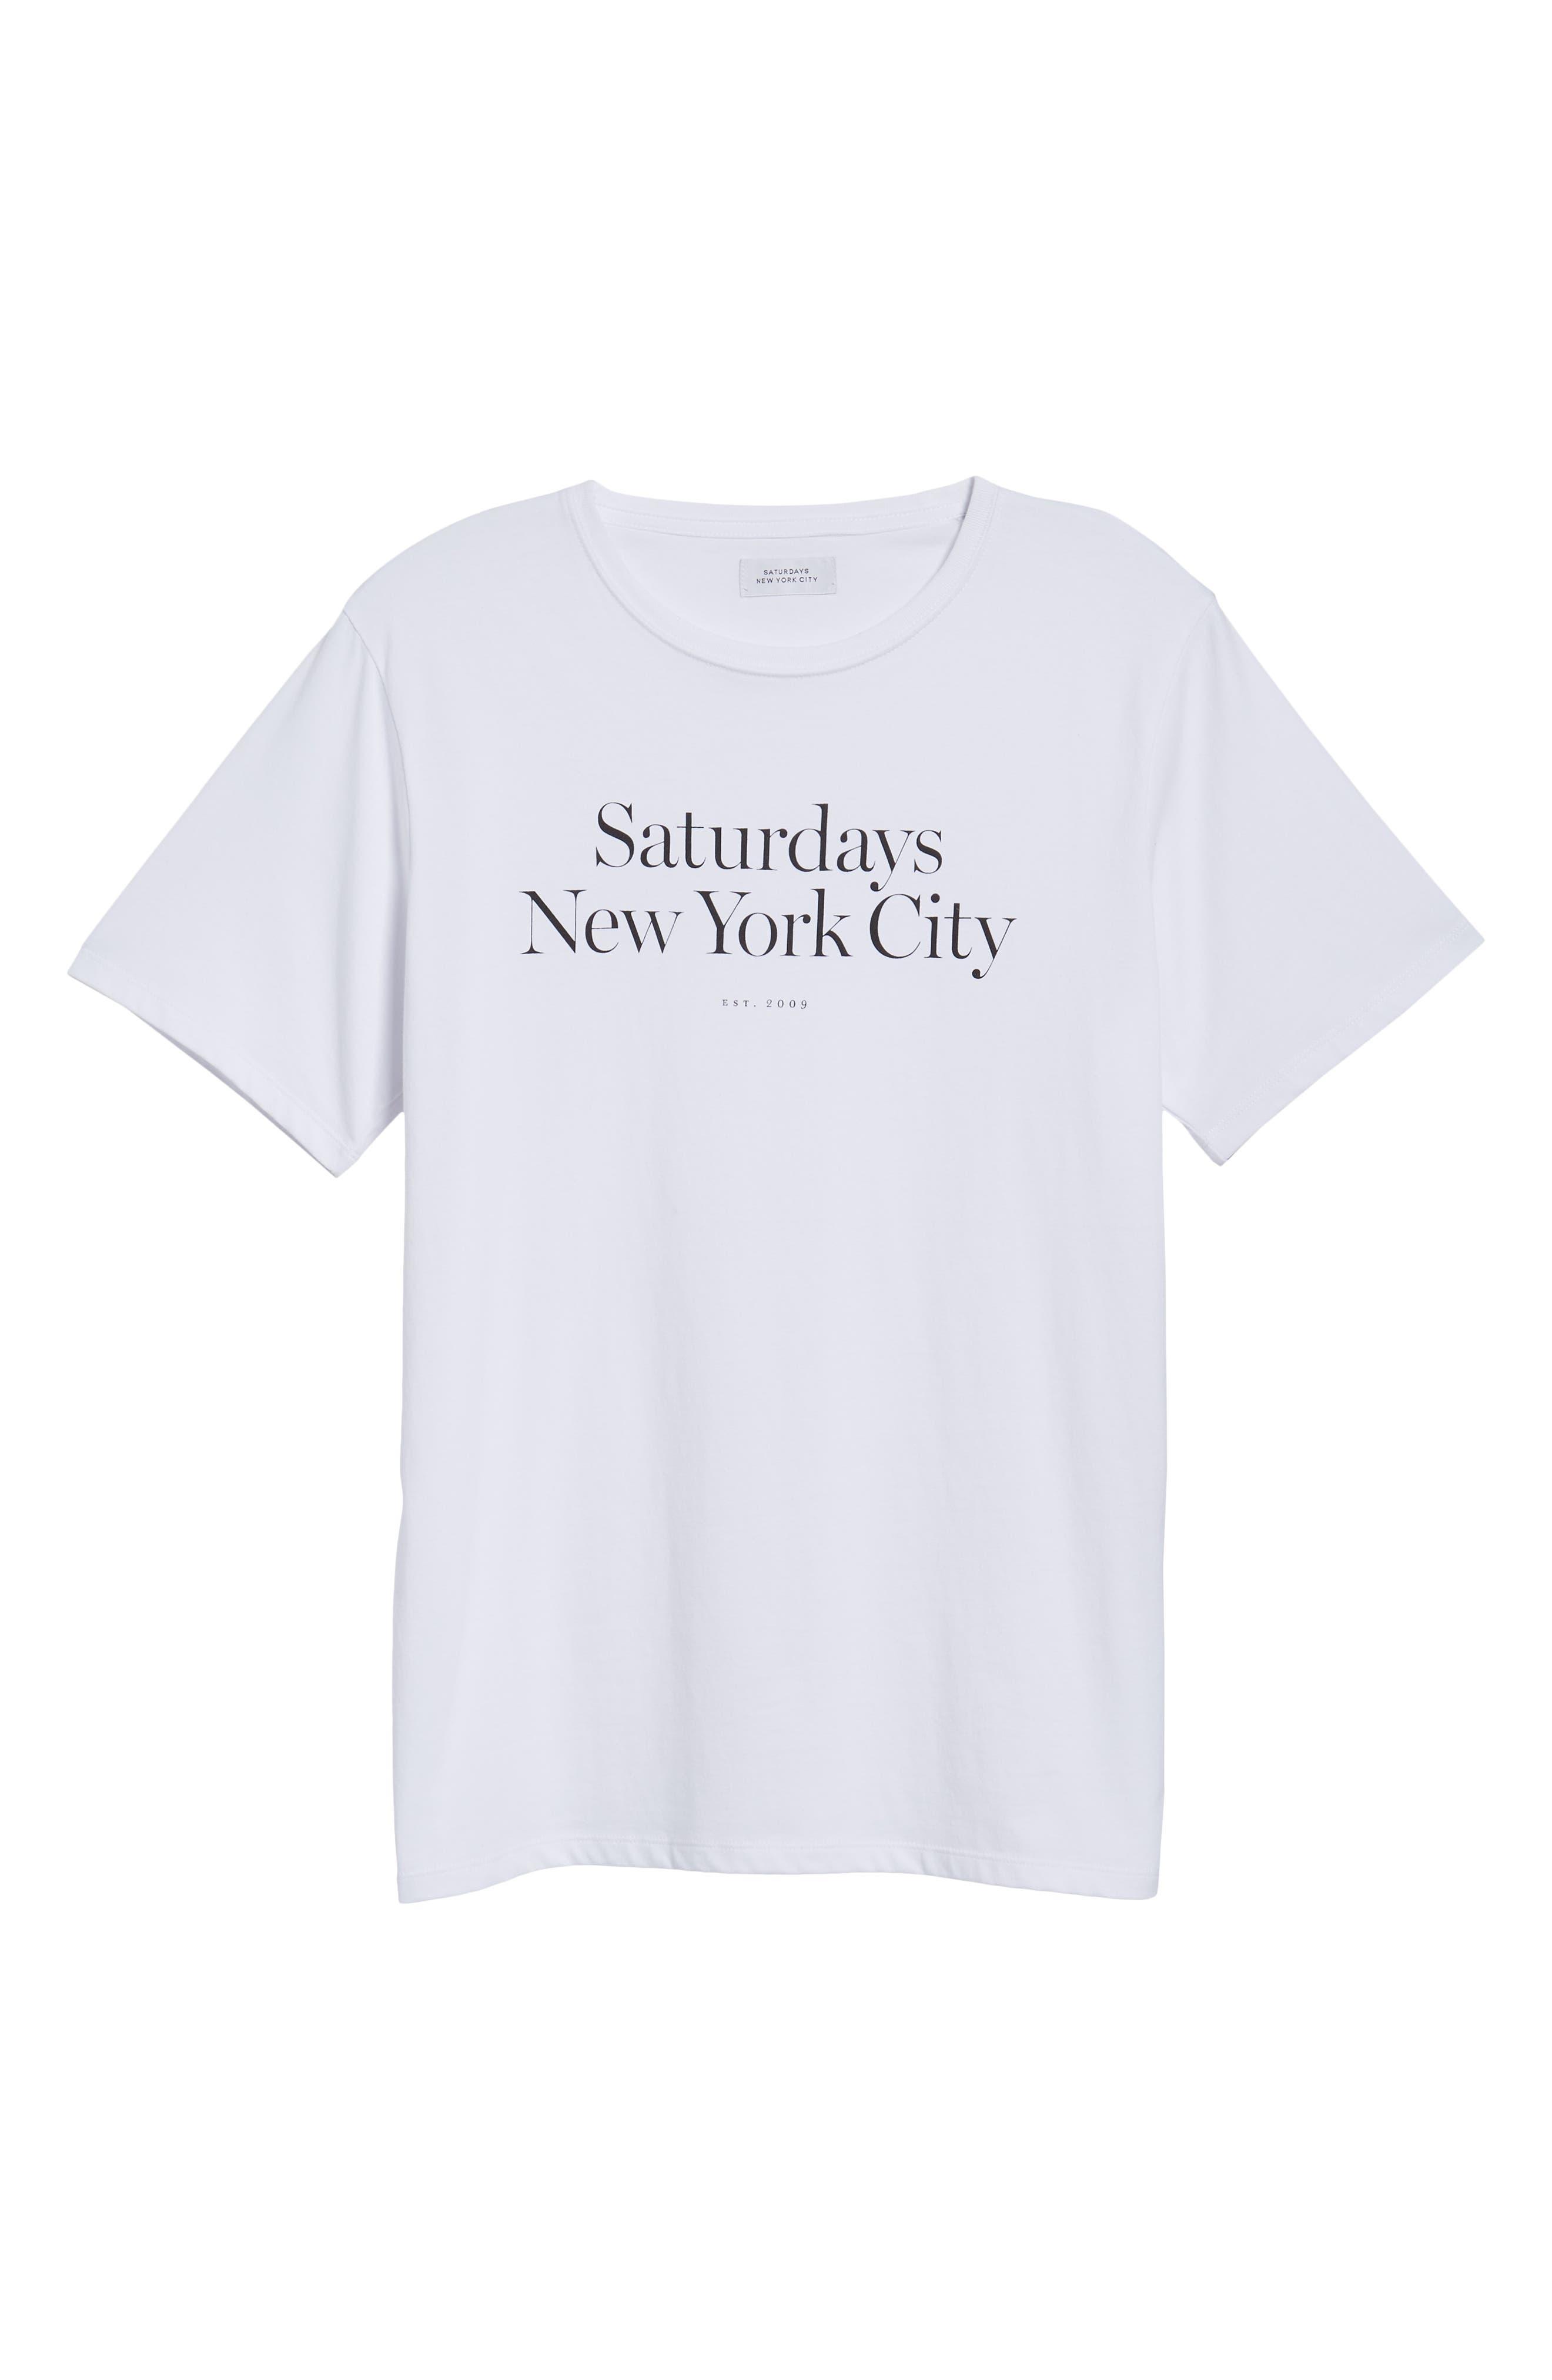 Miller Standard T-Shirt,                             Alternate thumbnail 6, color,                             110